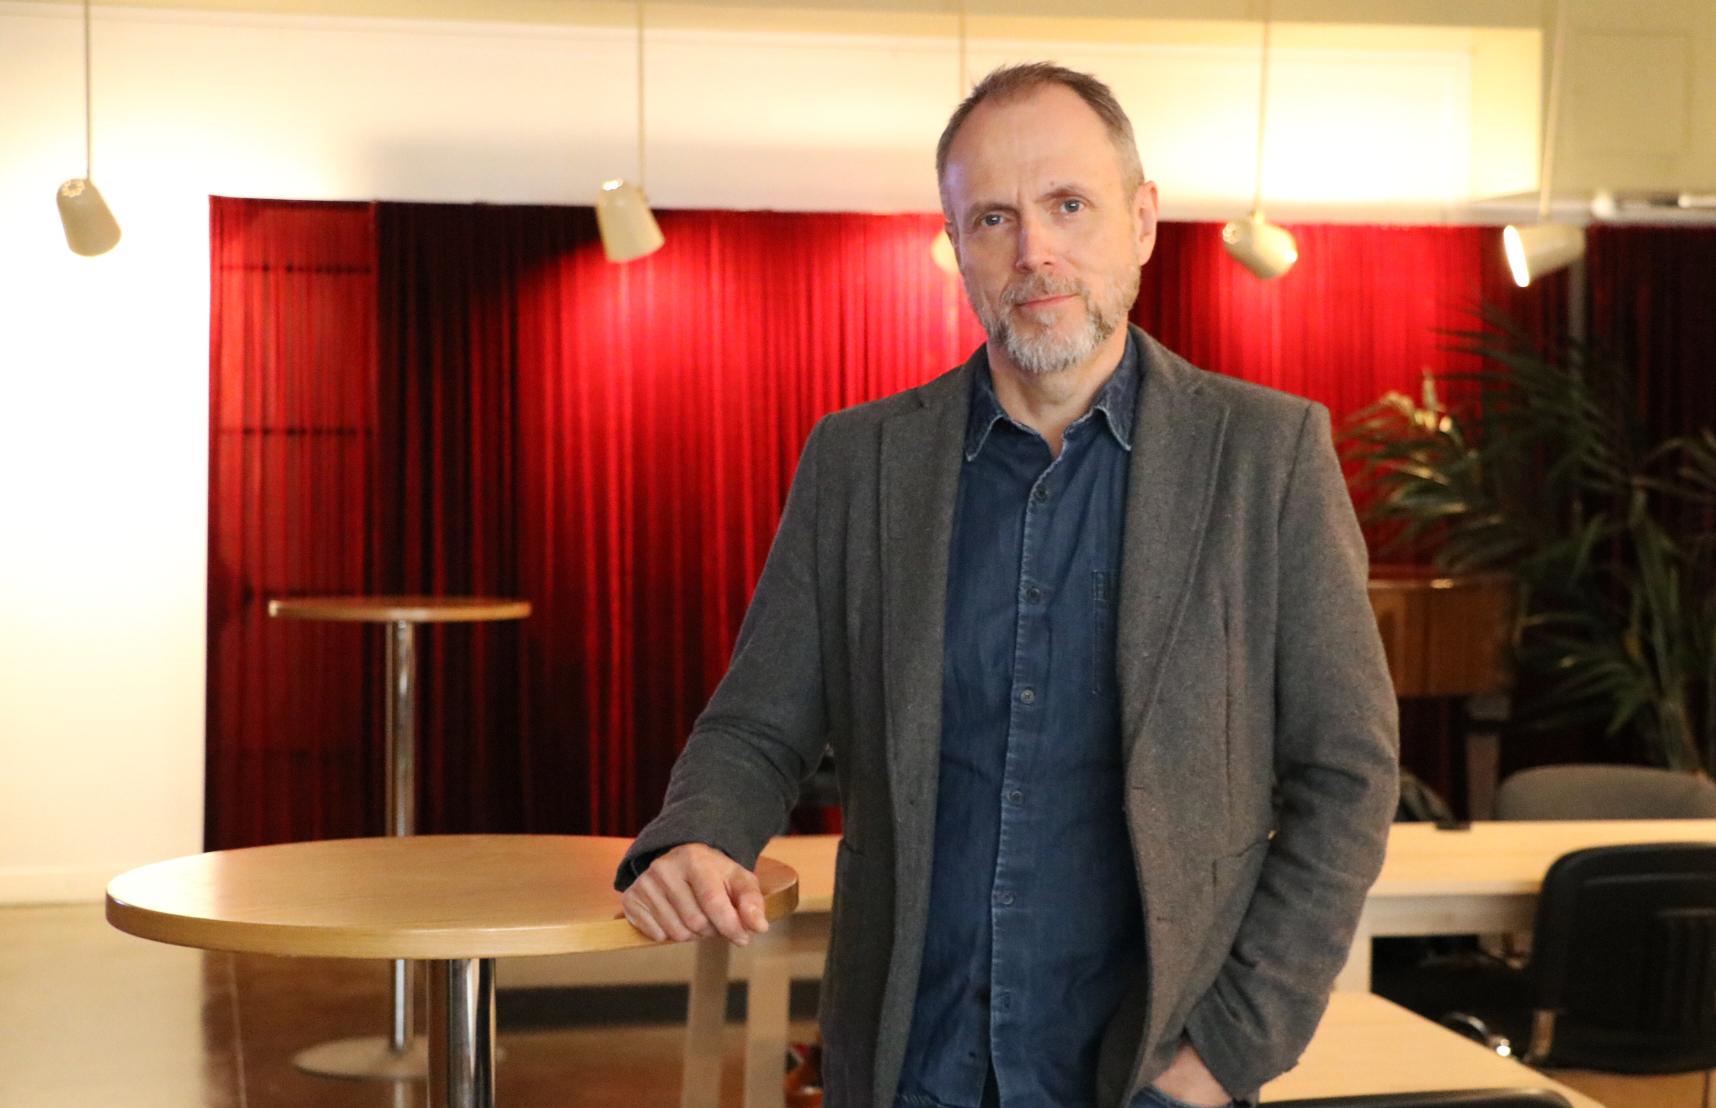 Markko Heinonen